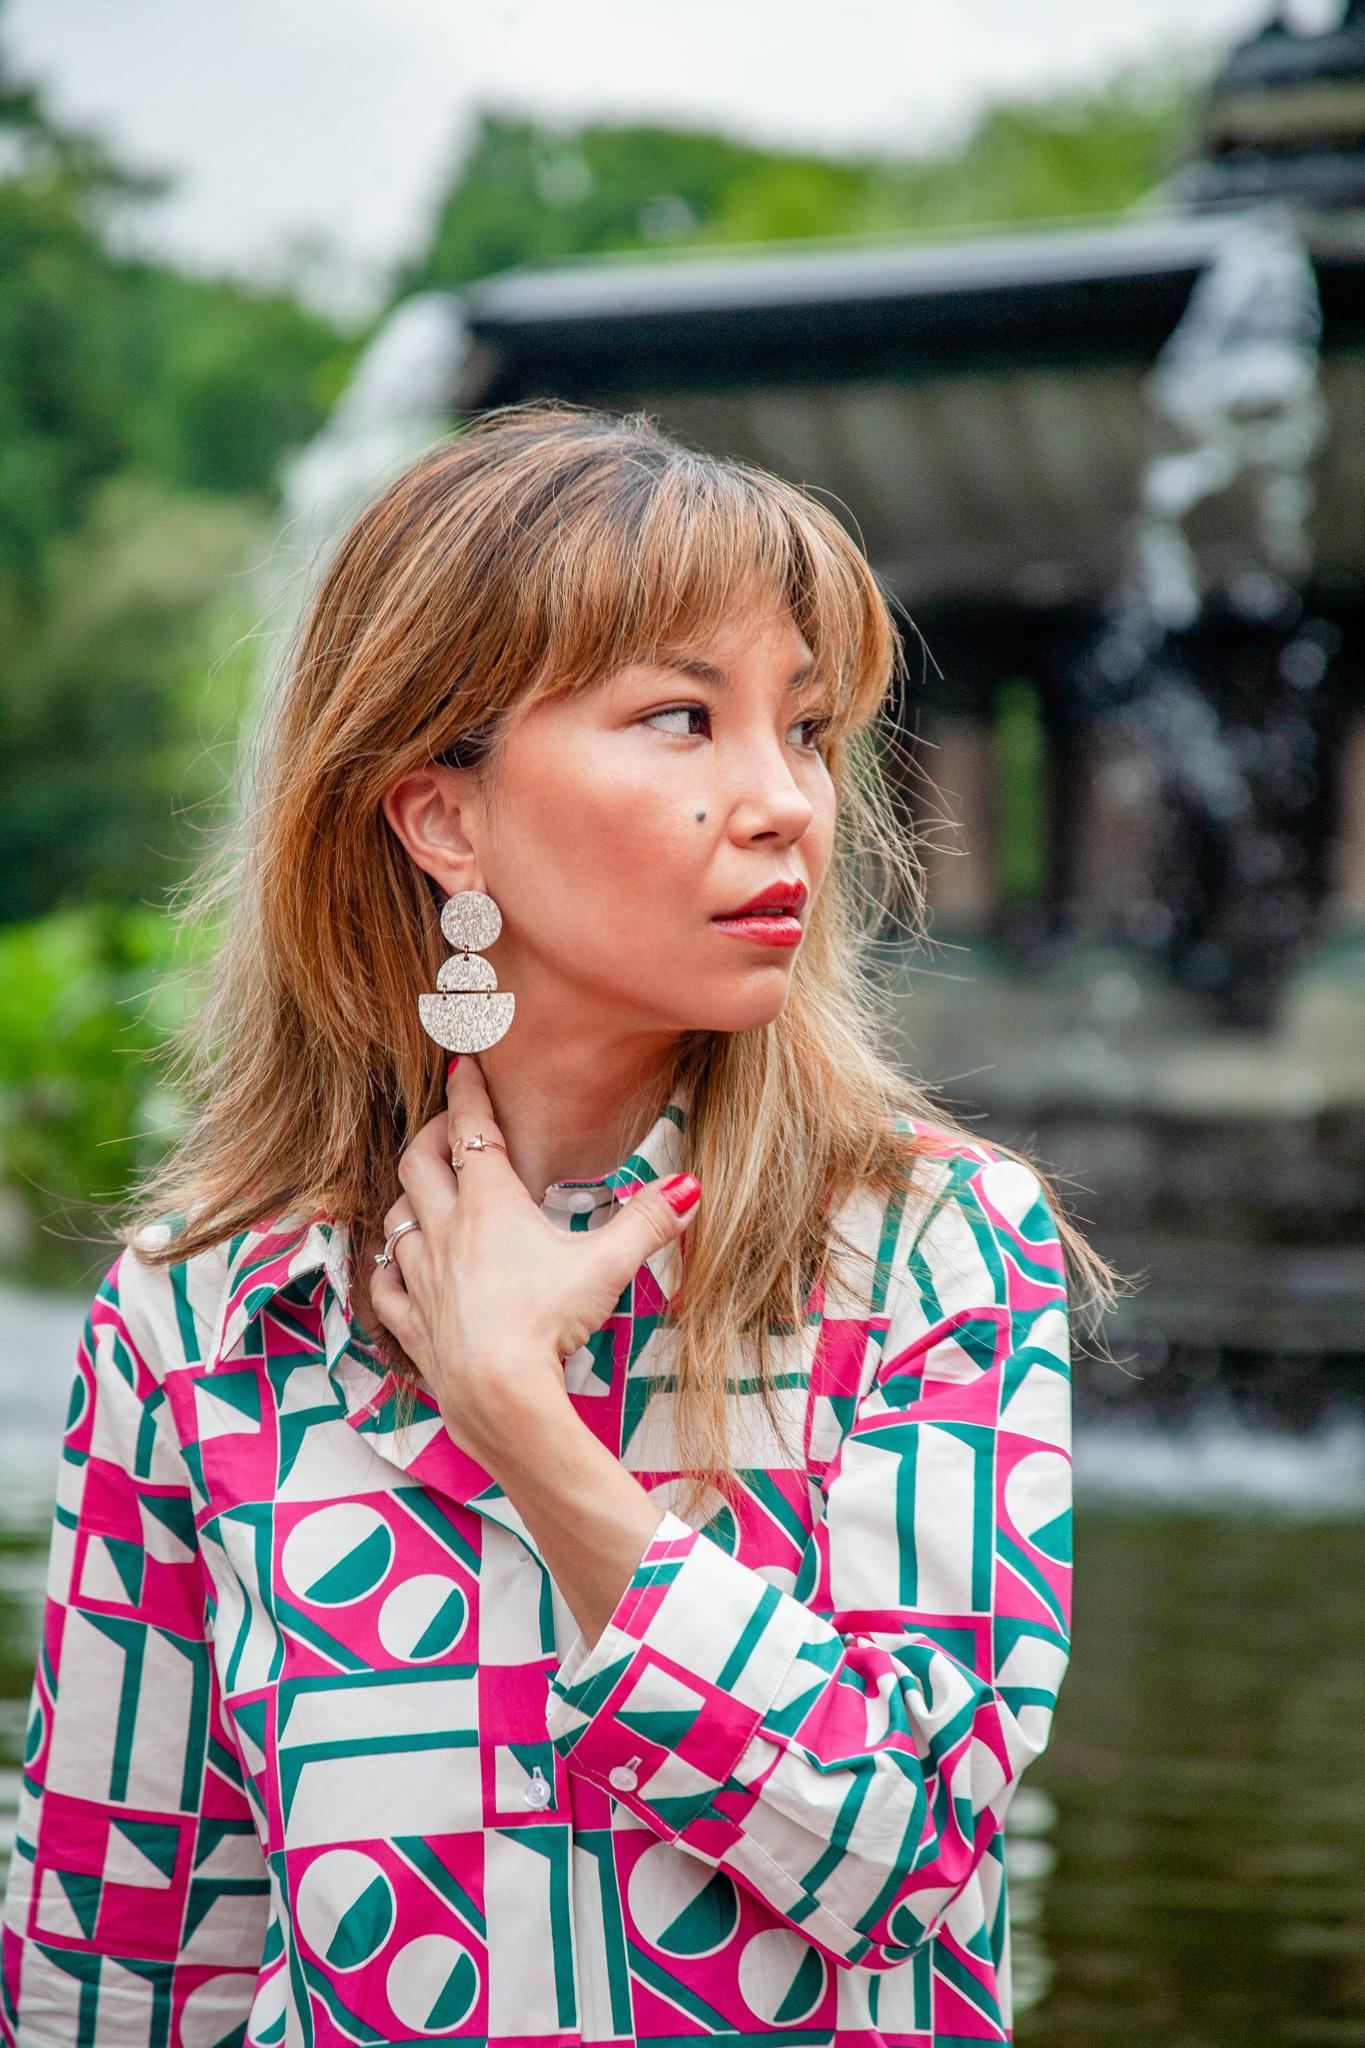 NYC fashion writer